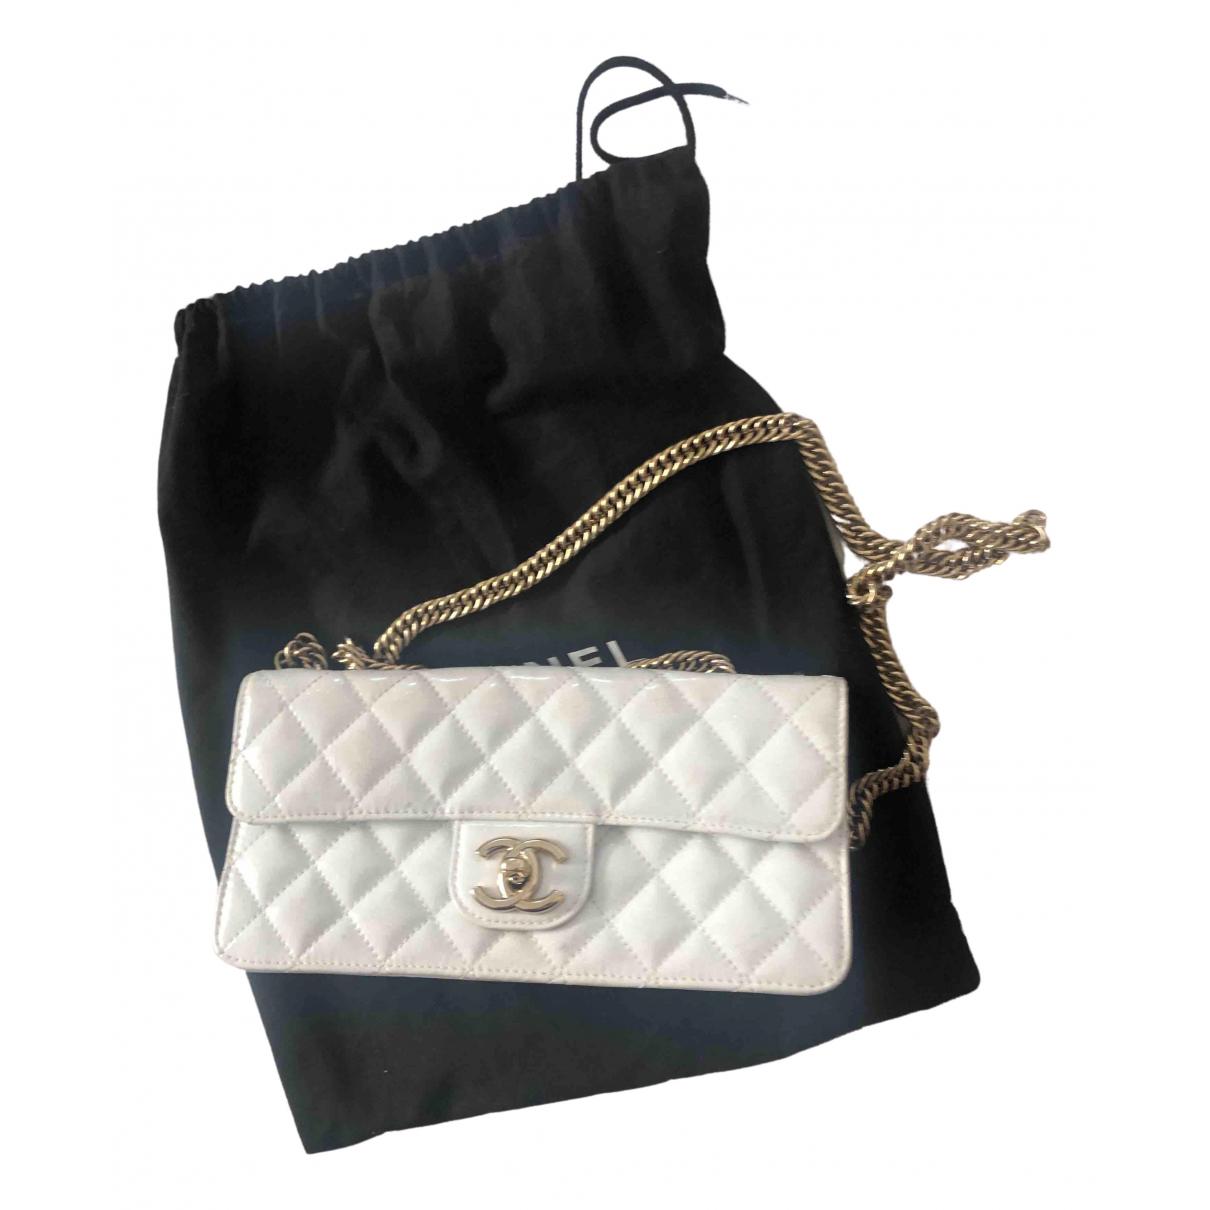 Chanel \N Handtasche in  Weiss Lackleder